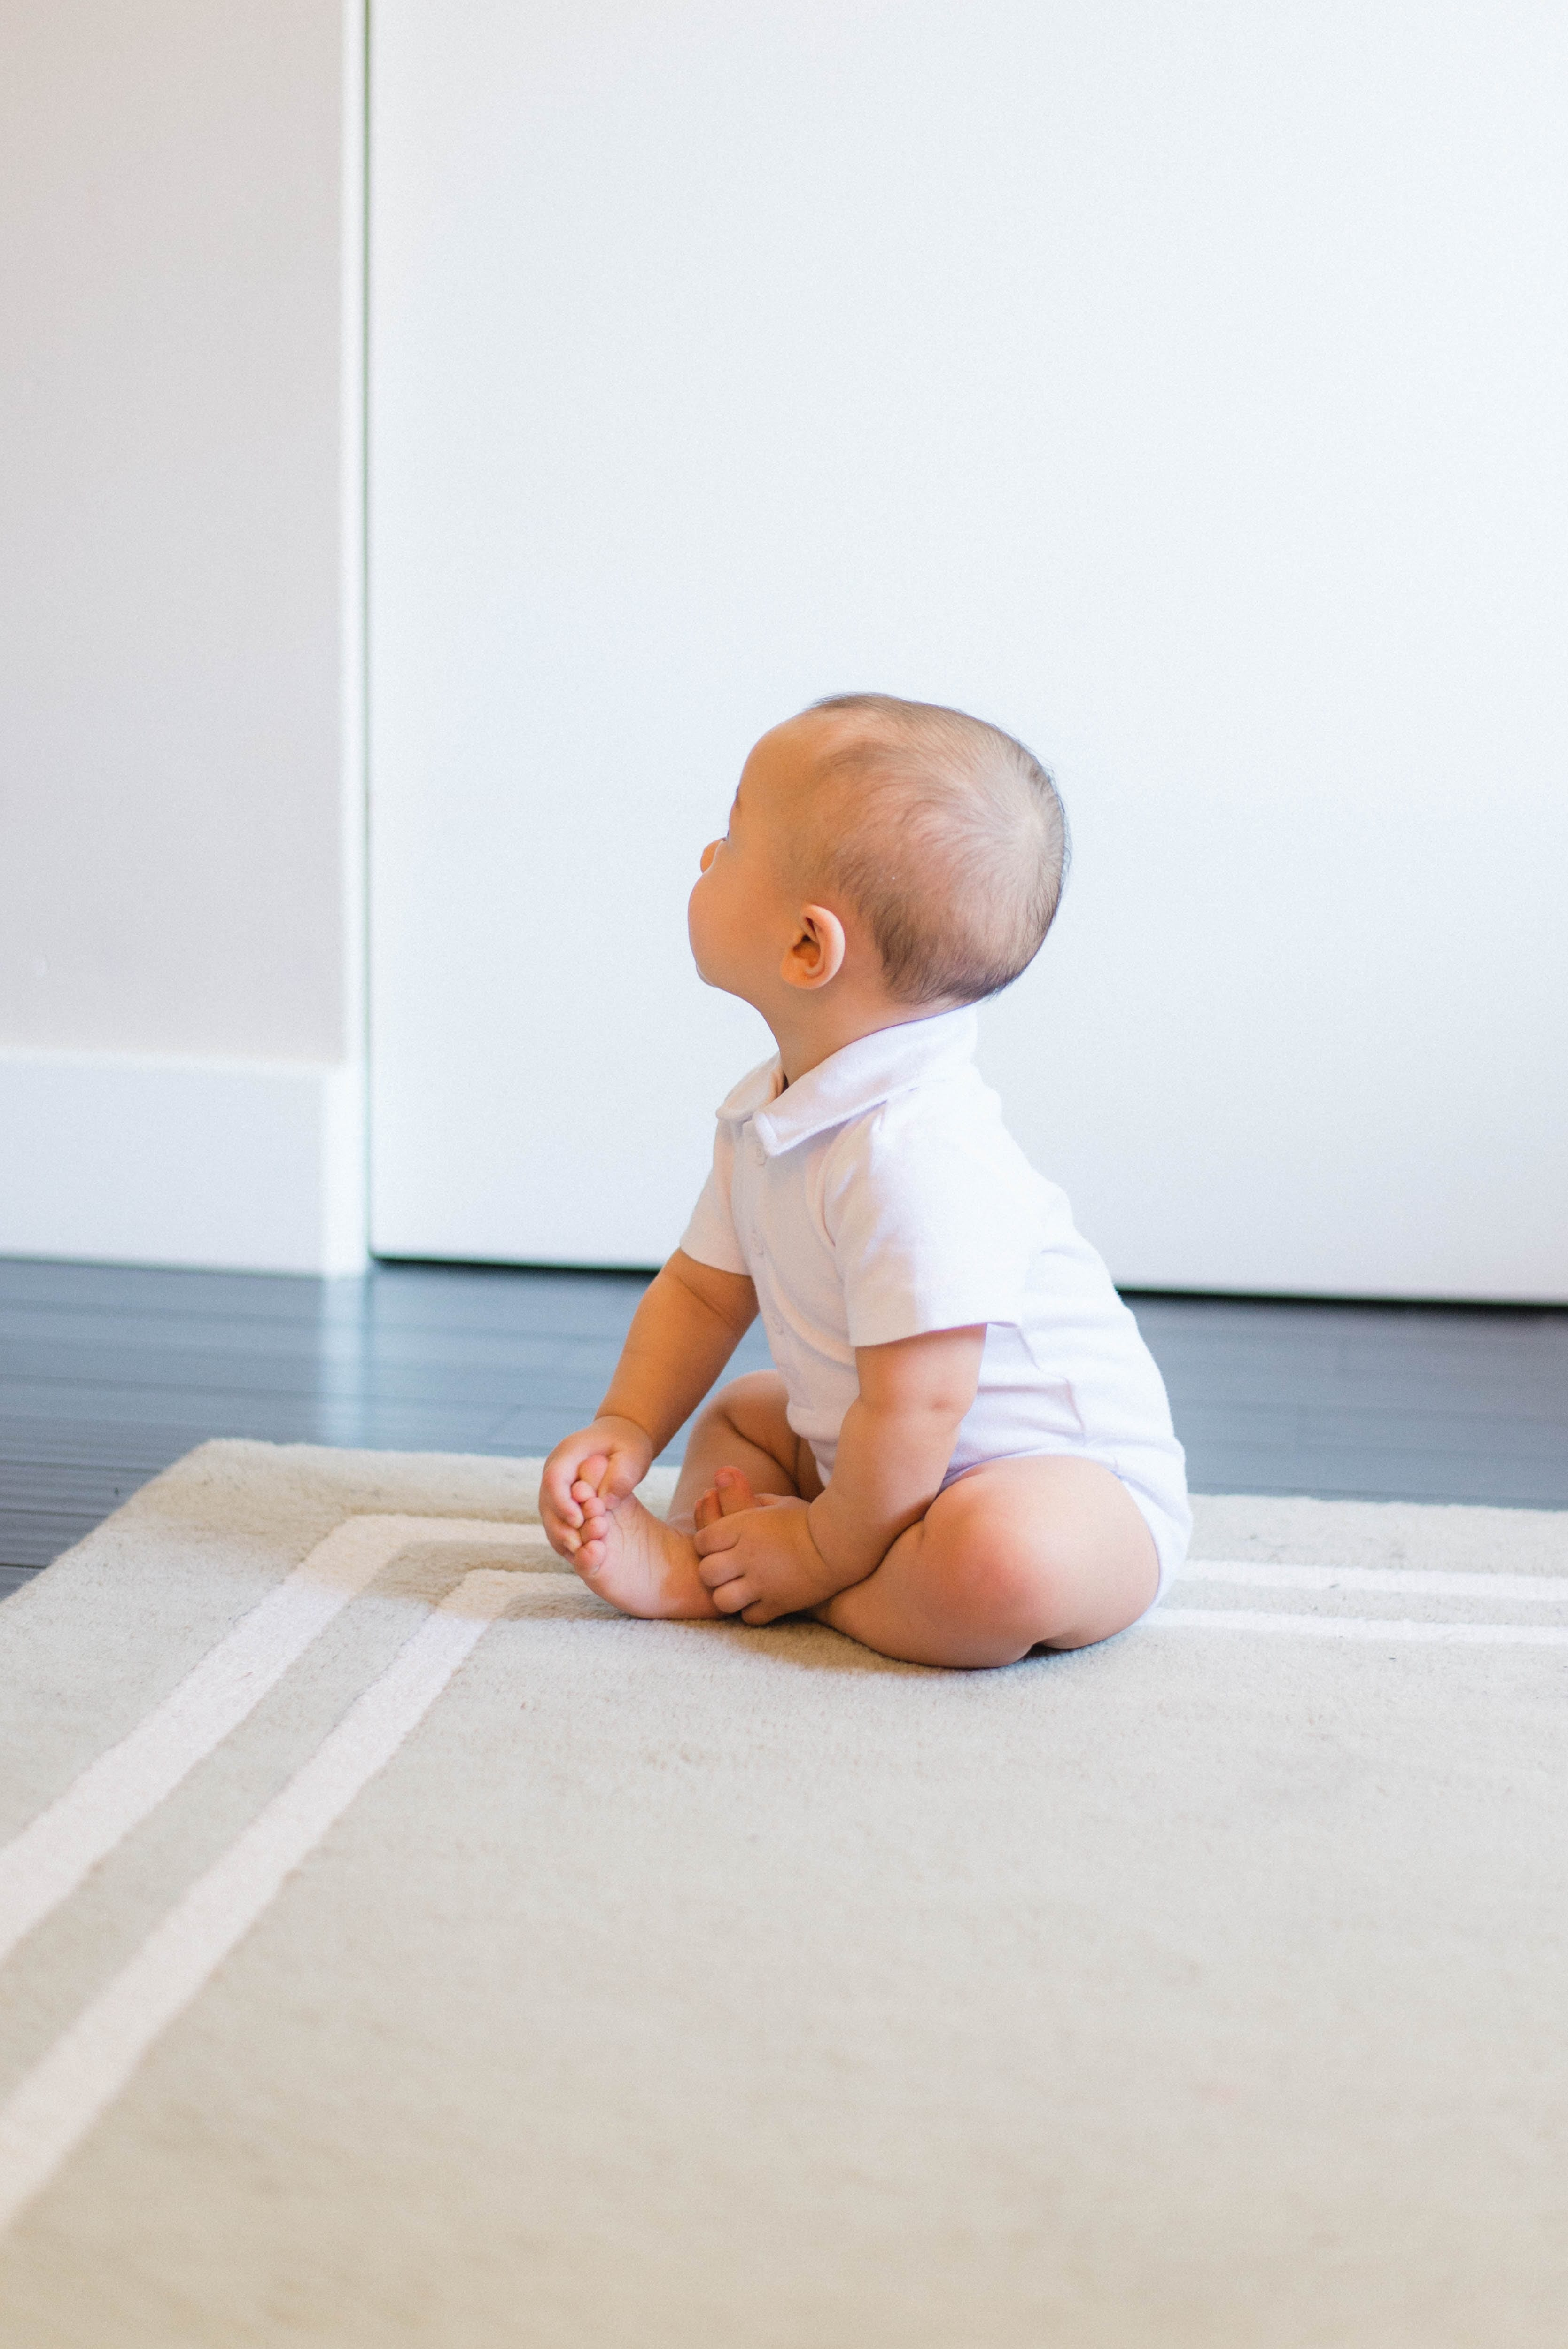 DevSci Scientific Exchange on Infant Neuromotor Development